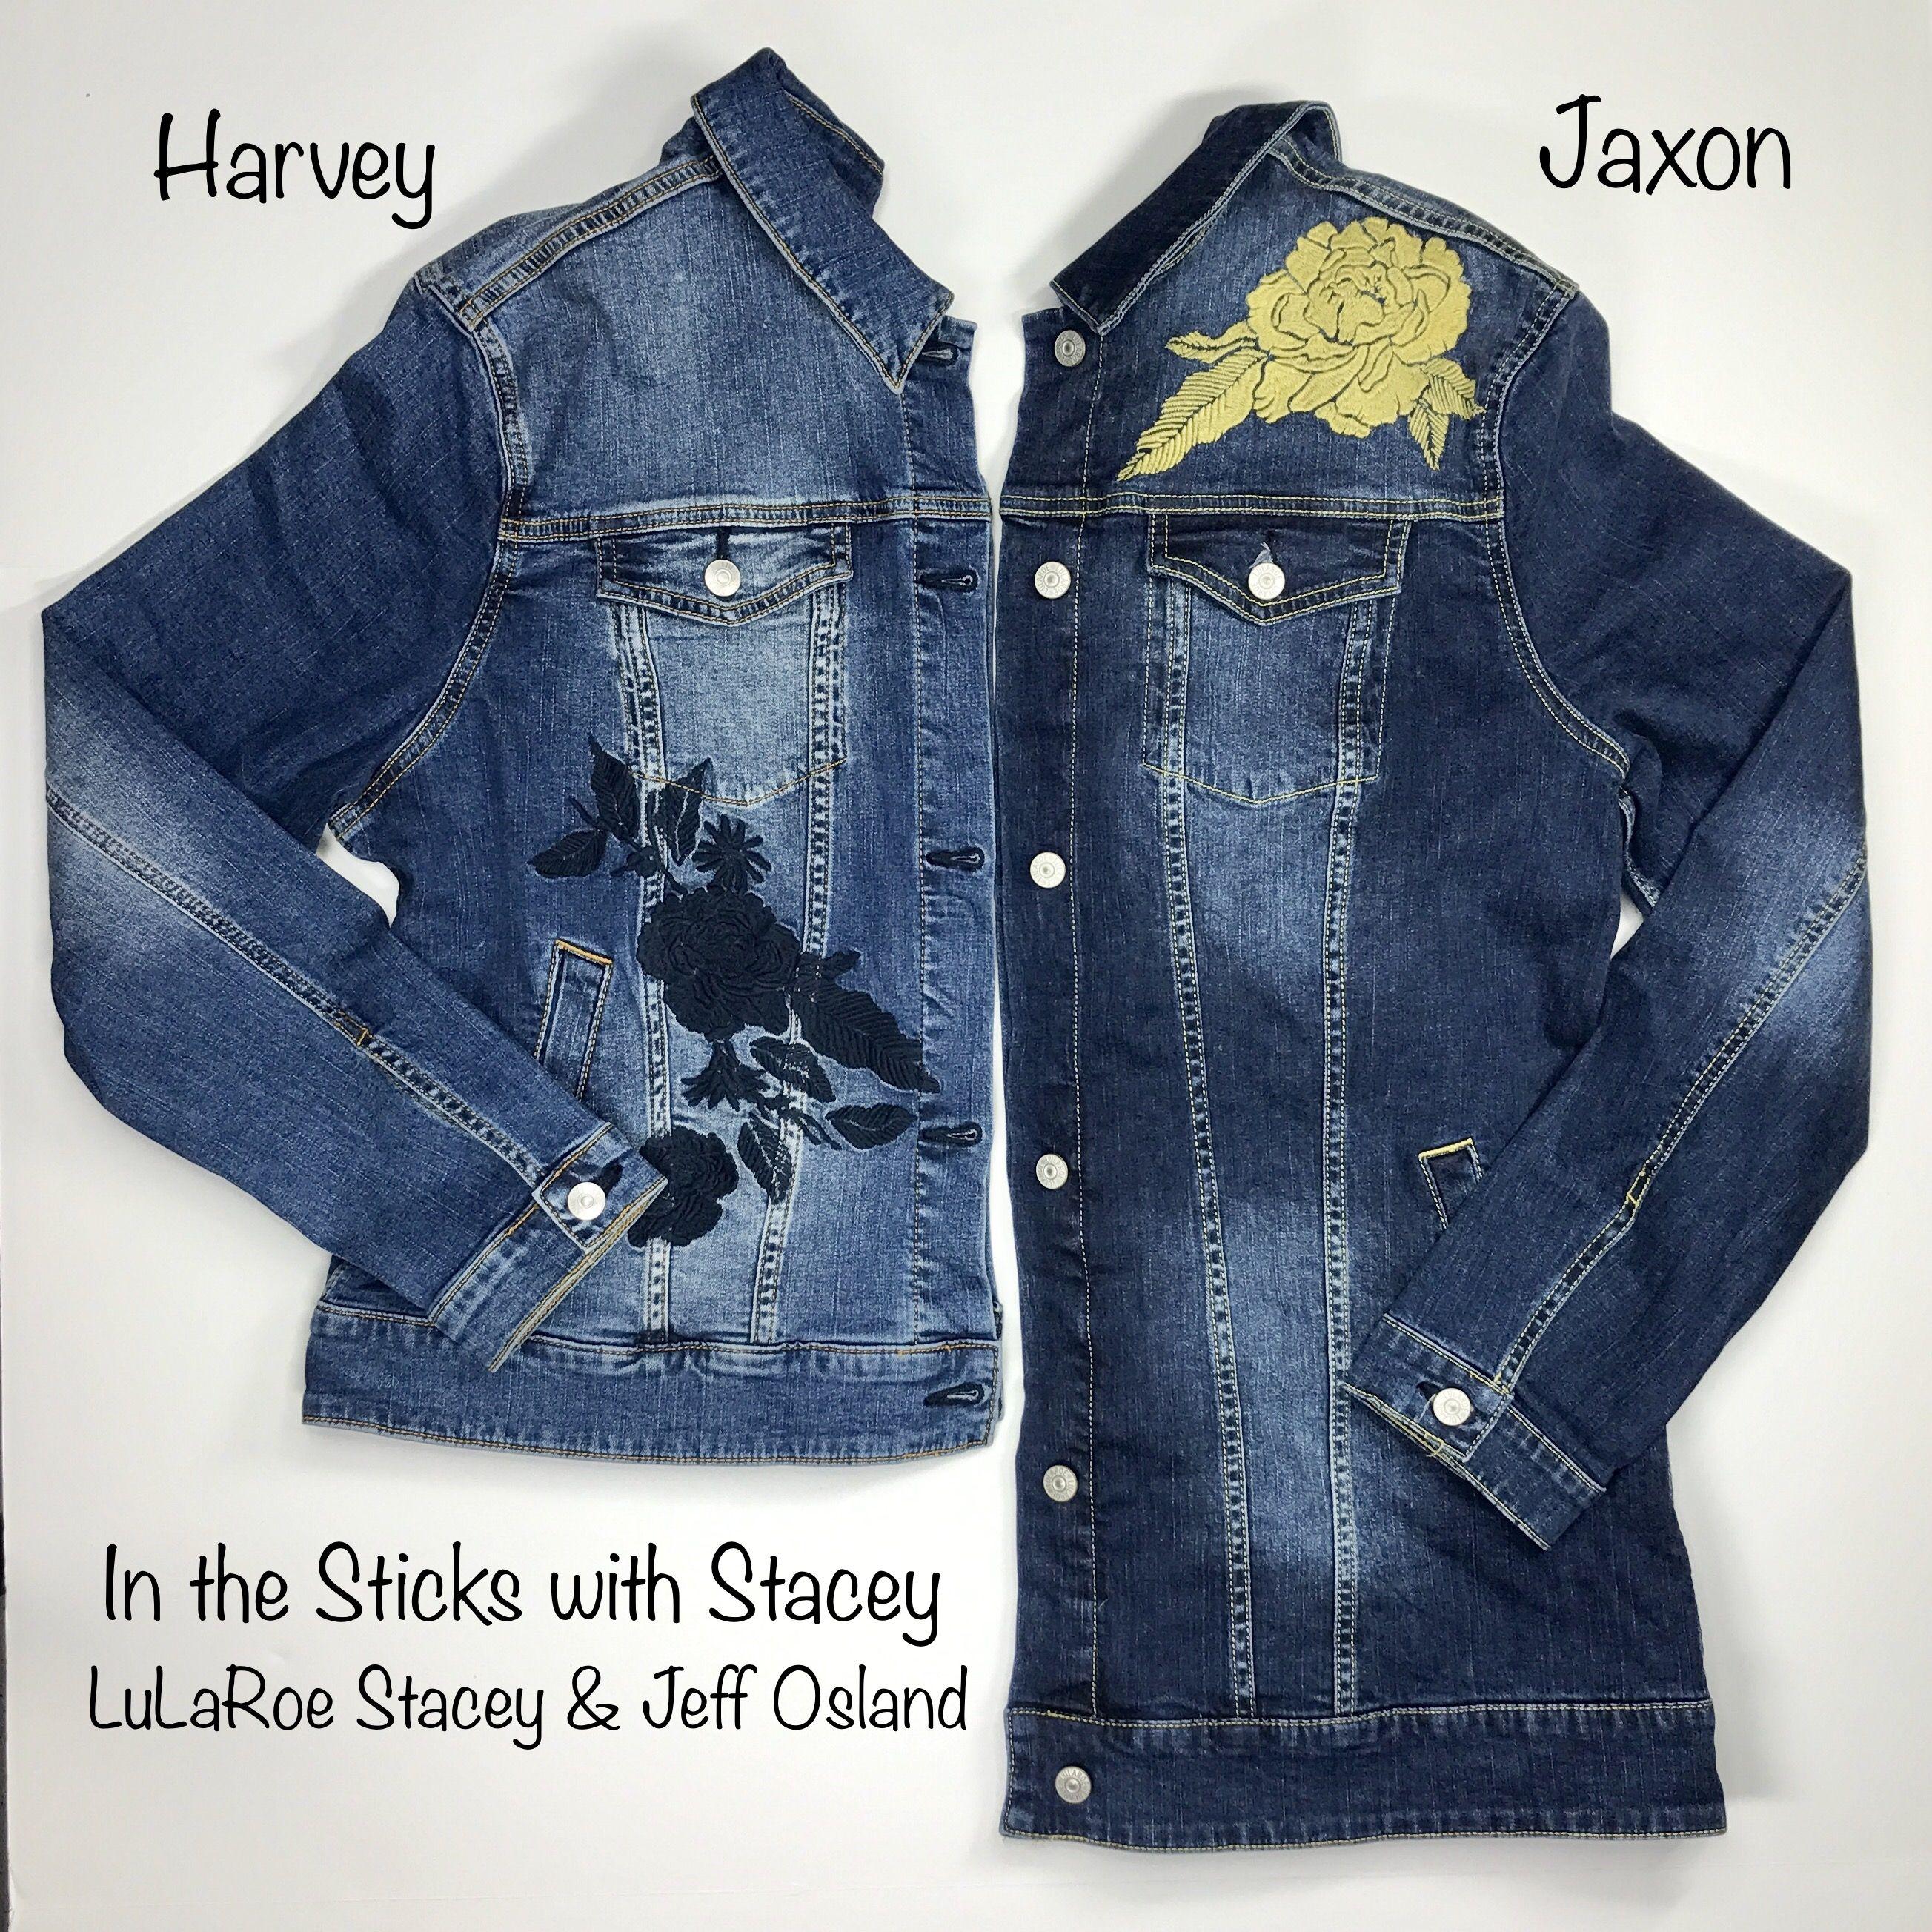 6b52a91cf18 LuLaRoe Harvey and LuLaRoe Jaxon length comparison. | Lularoe ...